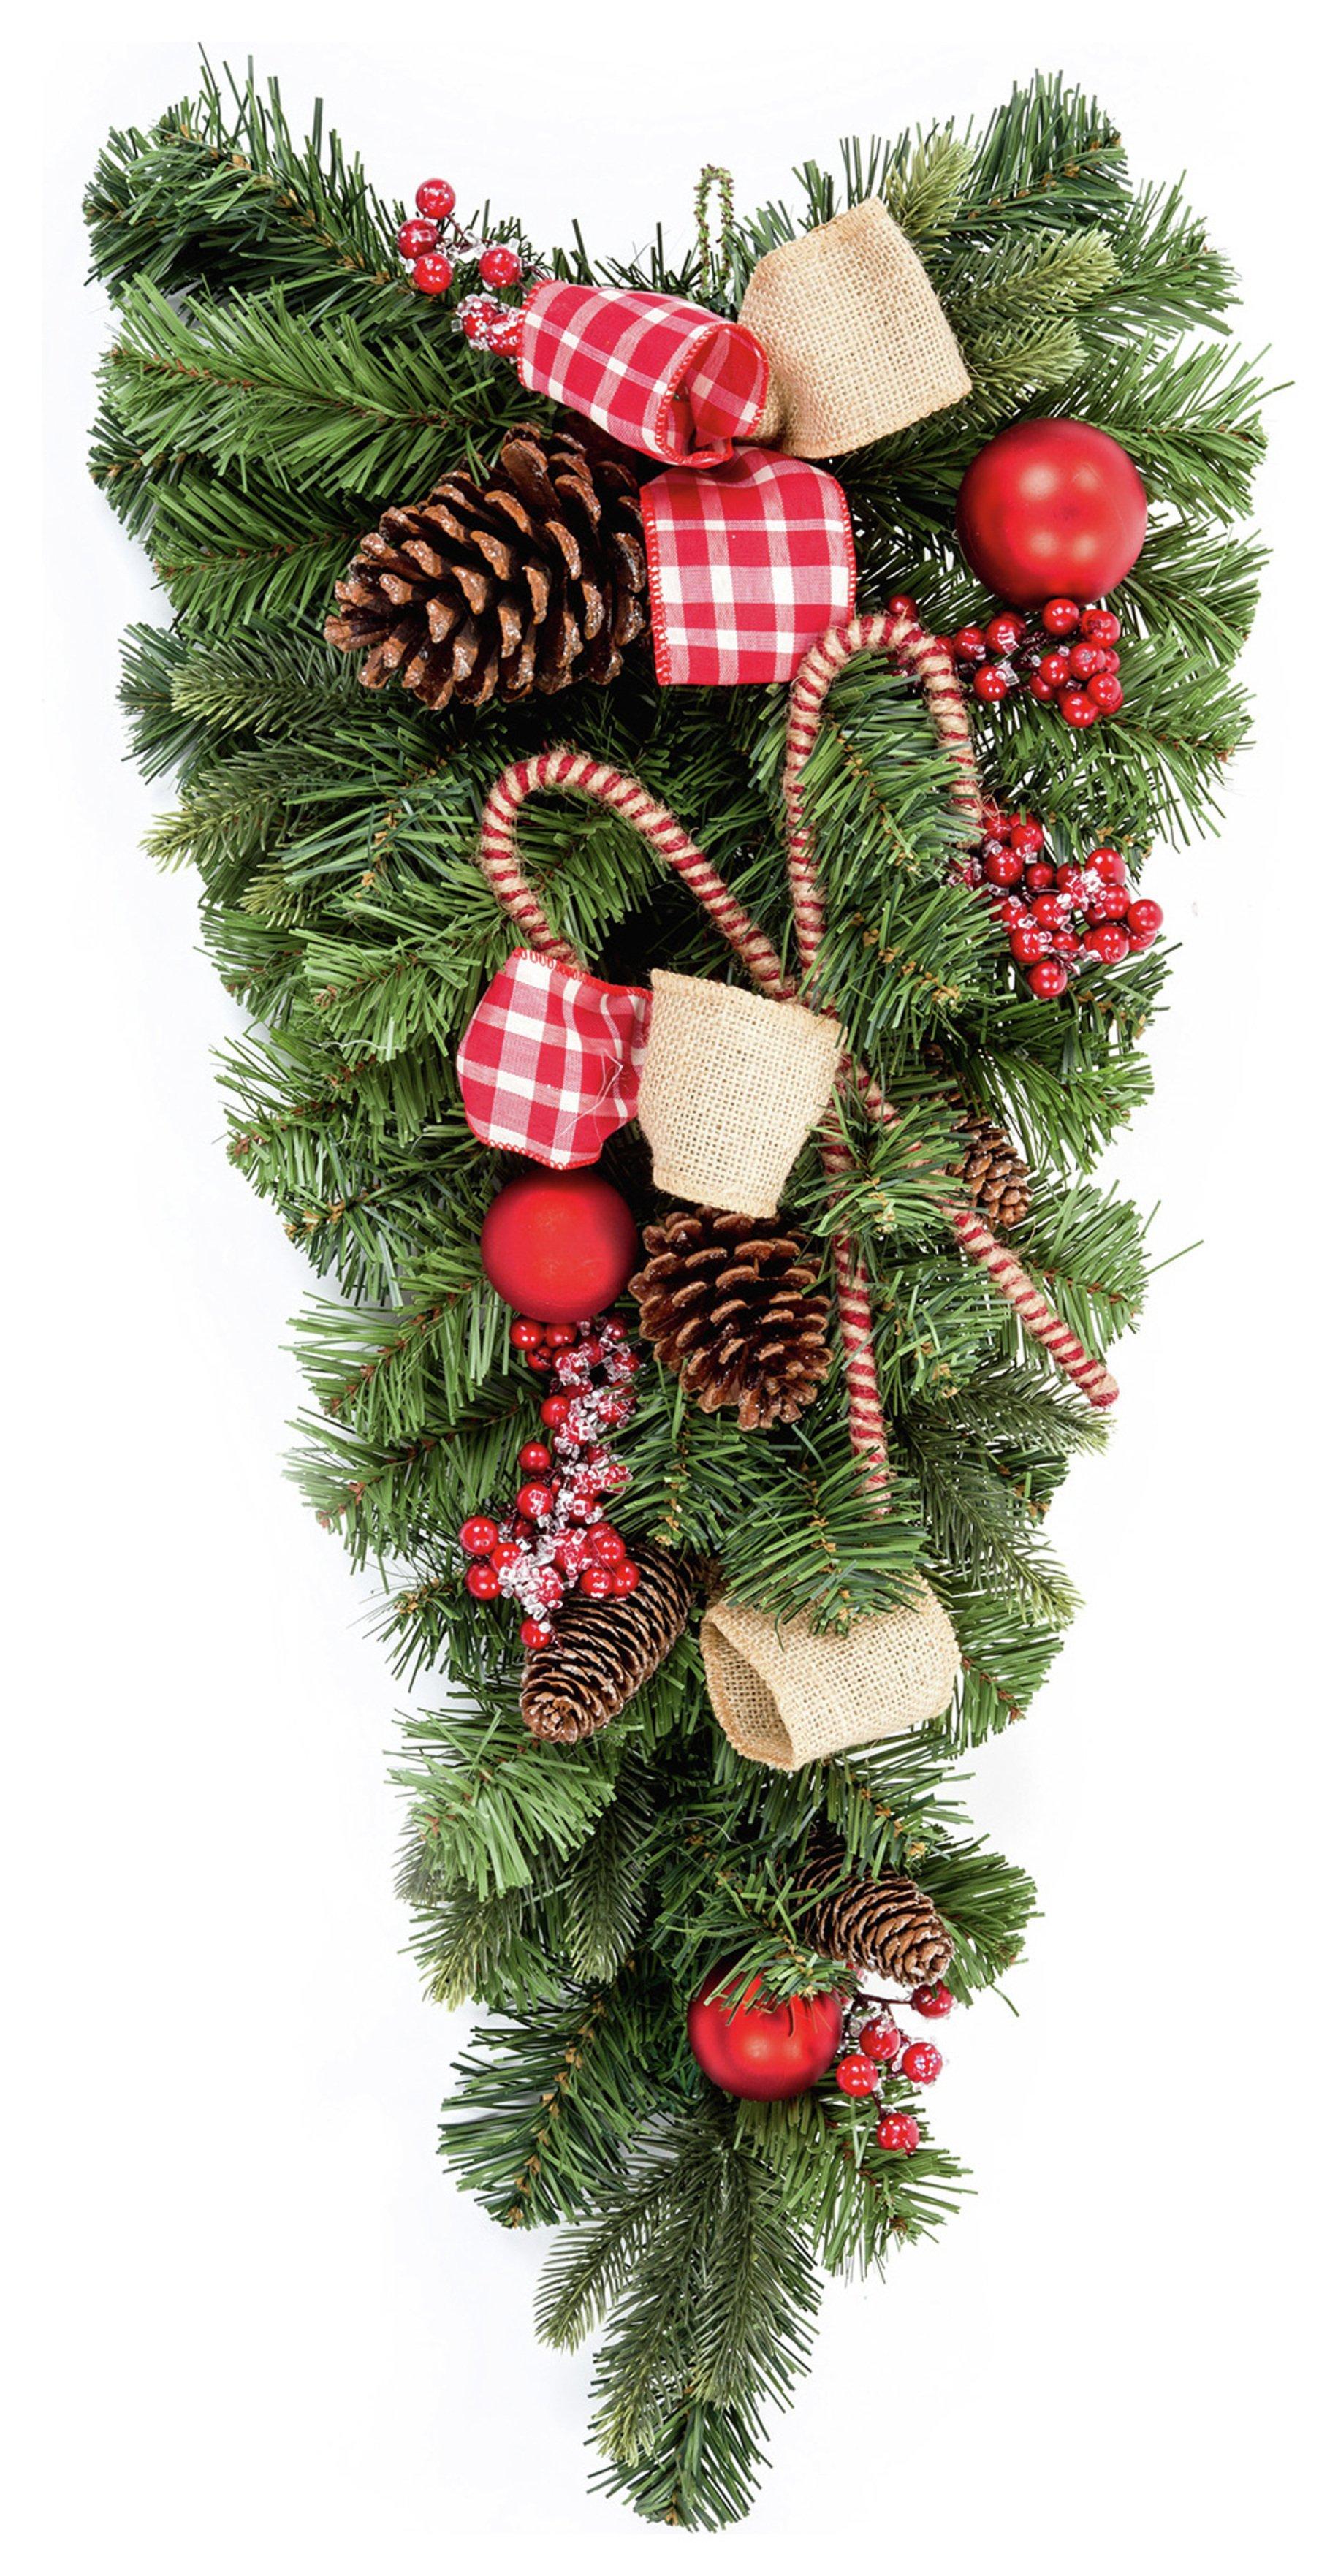 premier-decorations-70cm-candy-cane-teardrop-decoration